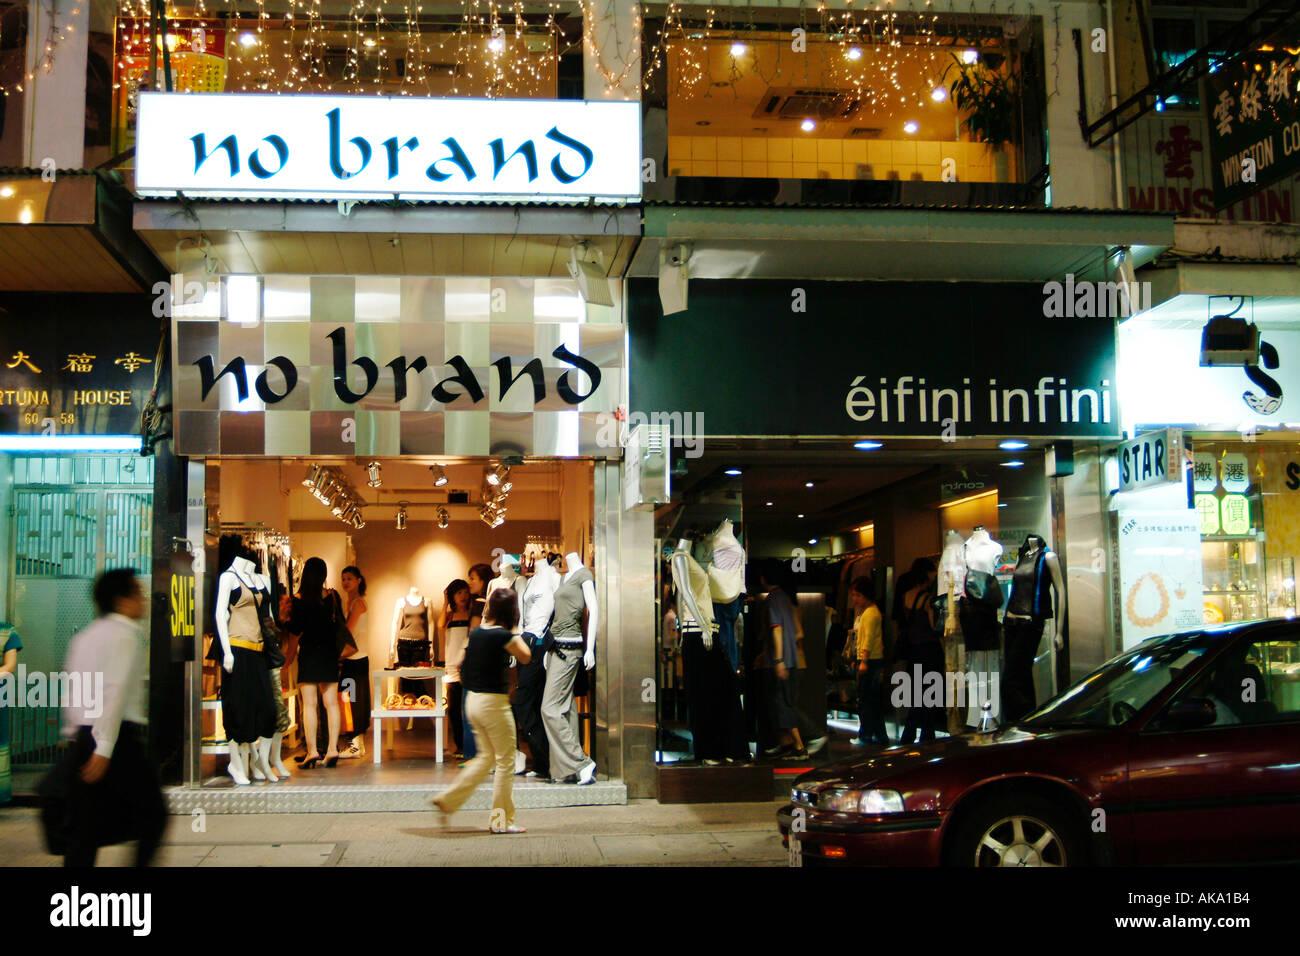 Ninguna marca de Hong Kong Kowloon infini eifini ASIA Asia china distrito urbano de la ciudad de tiendas de la calle de noche noche viajes Foto de stock